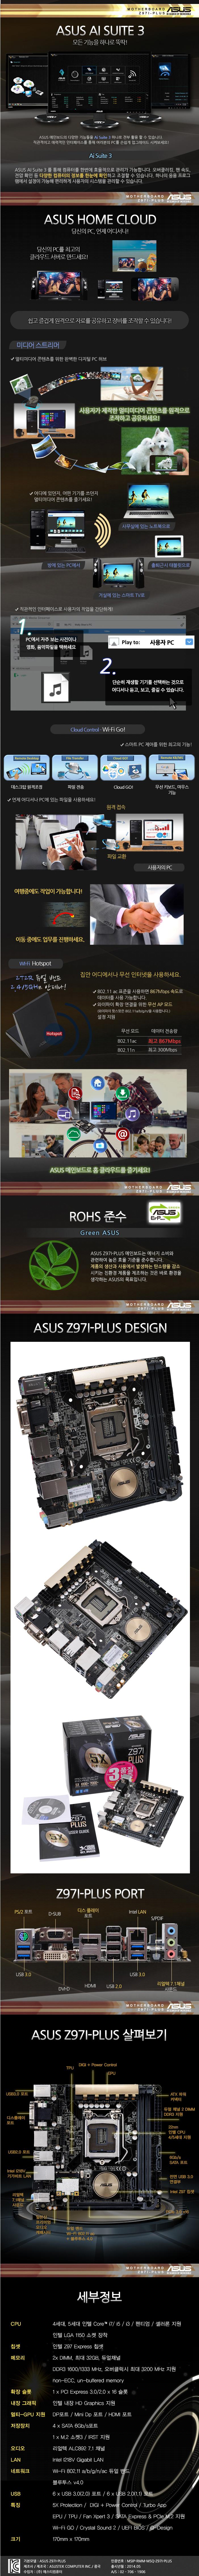 Z97I-PLUS USB31 CARD 01-04